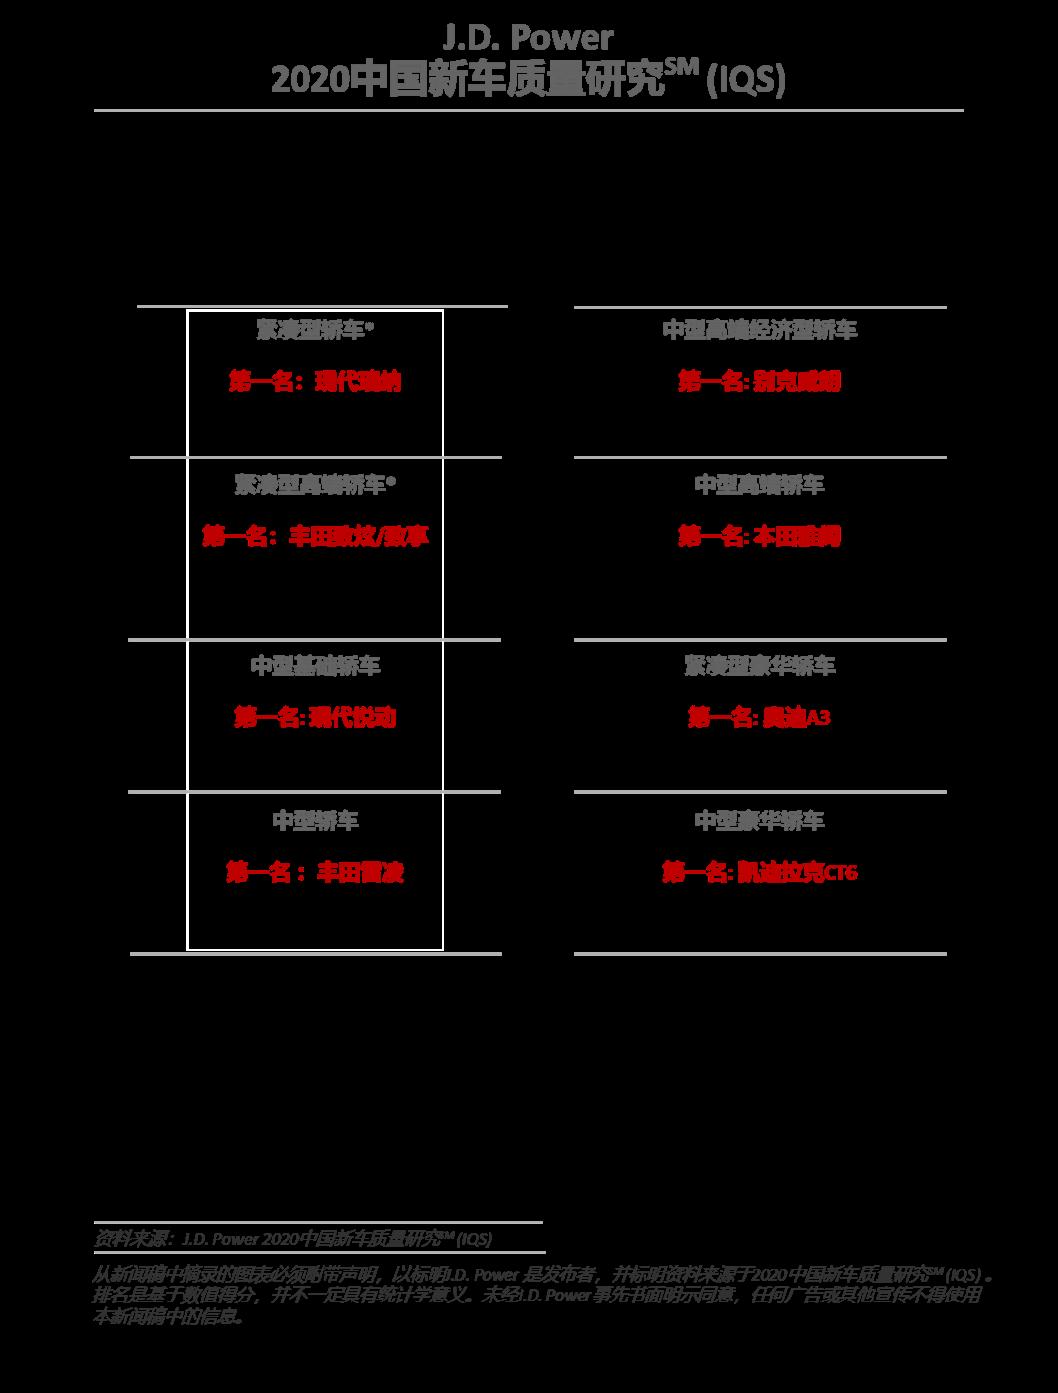 【新闻发布】J.D. Power发布2020中国新车质量研究:四分之一车主因质量或性能好购买自主品牌2826.png